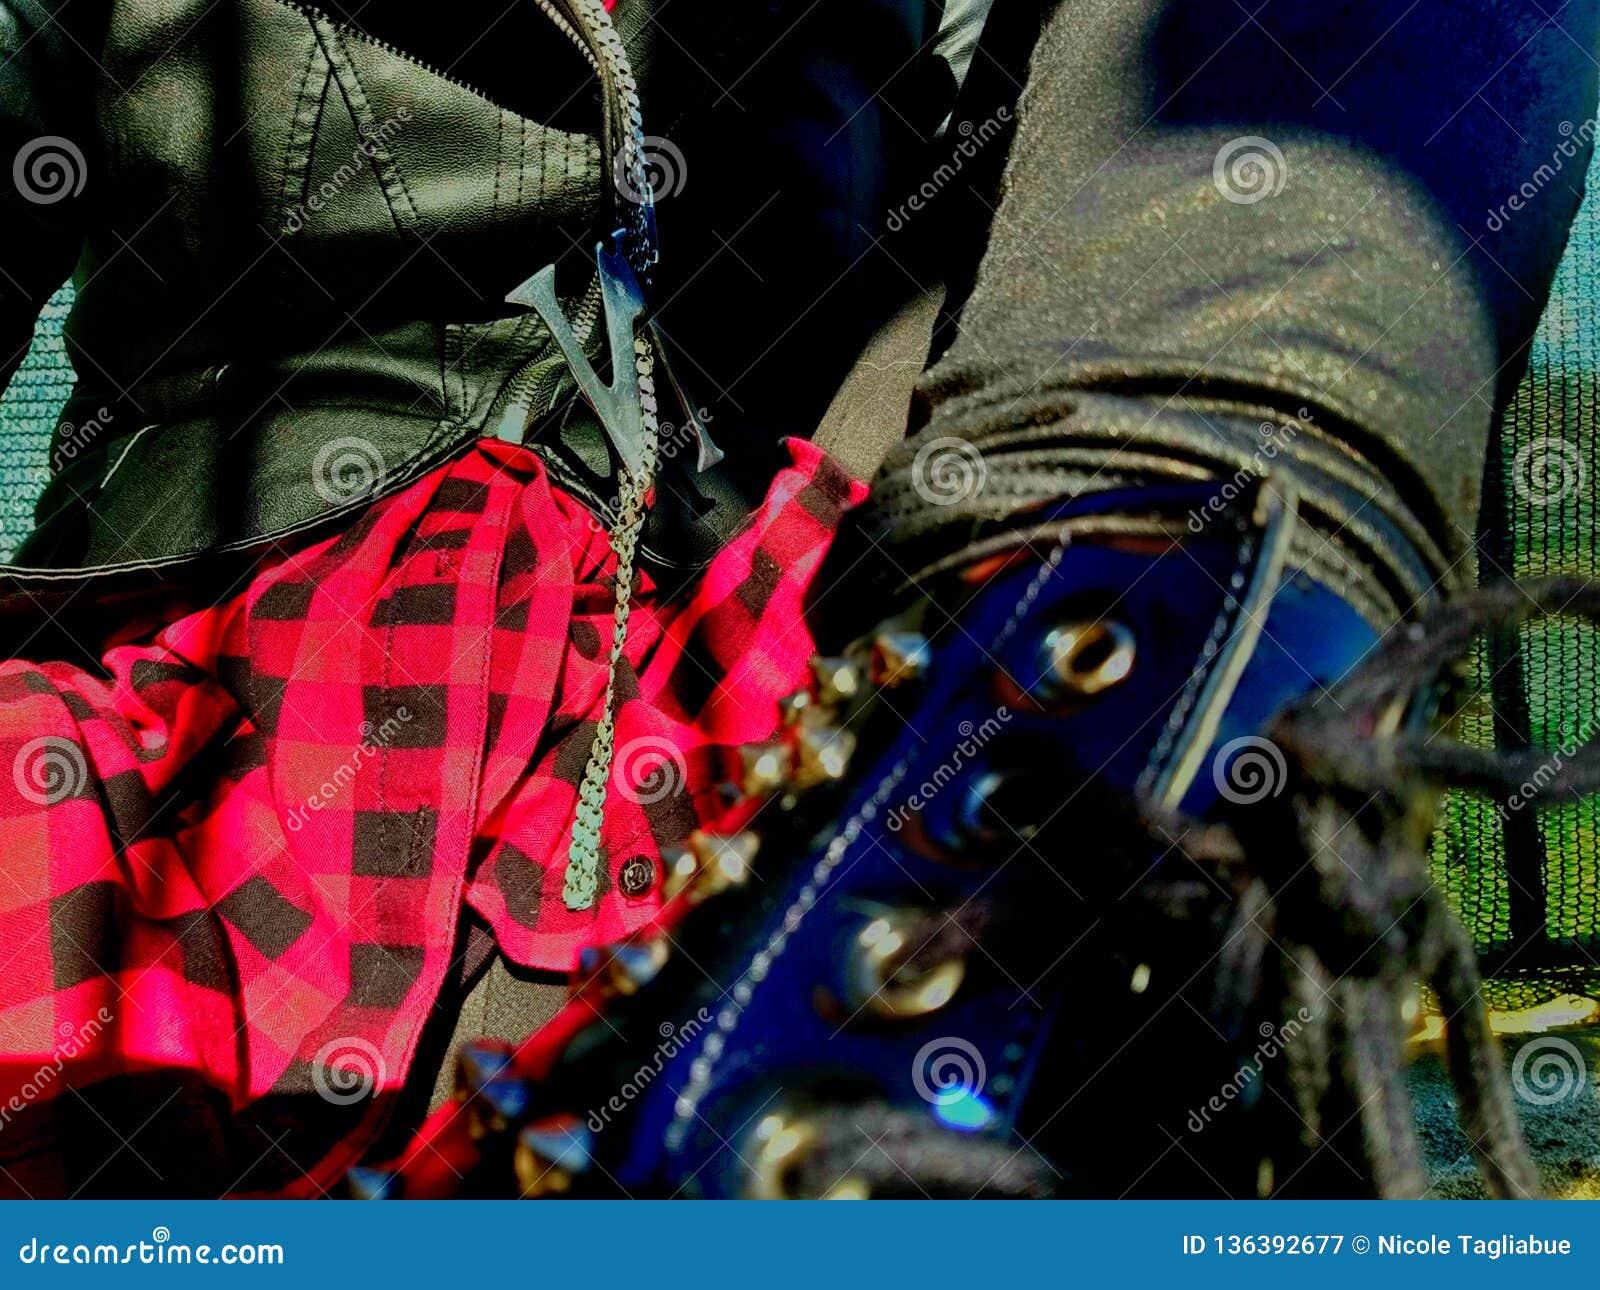 Closeup på glamorösa stildetaljer för punkrock, torkdukar och tillbehör - flickakänga, röd skjorta och svartläderomslag